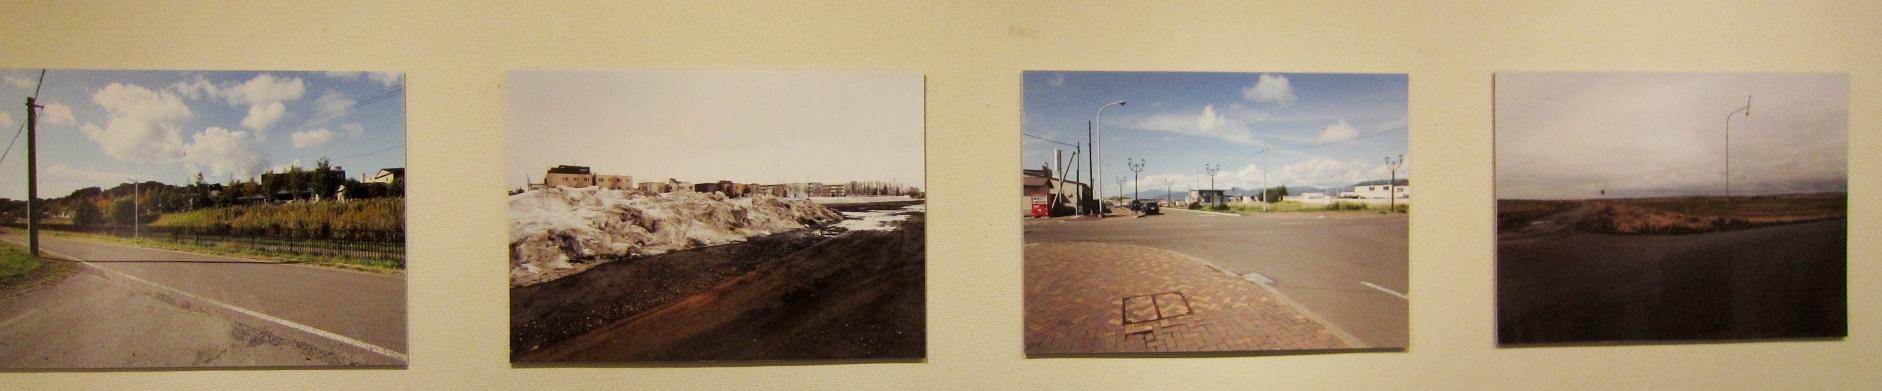 2526)⑦「群青後期『神成邦夫 写真展』」 アートスペース201 終了/2月4日(木)~2月9日(火)_f0126829_18392461.jpg